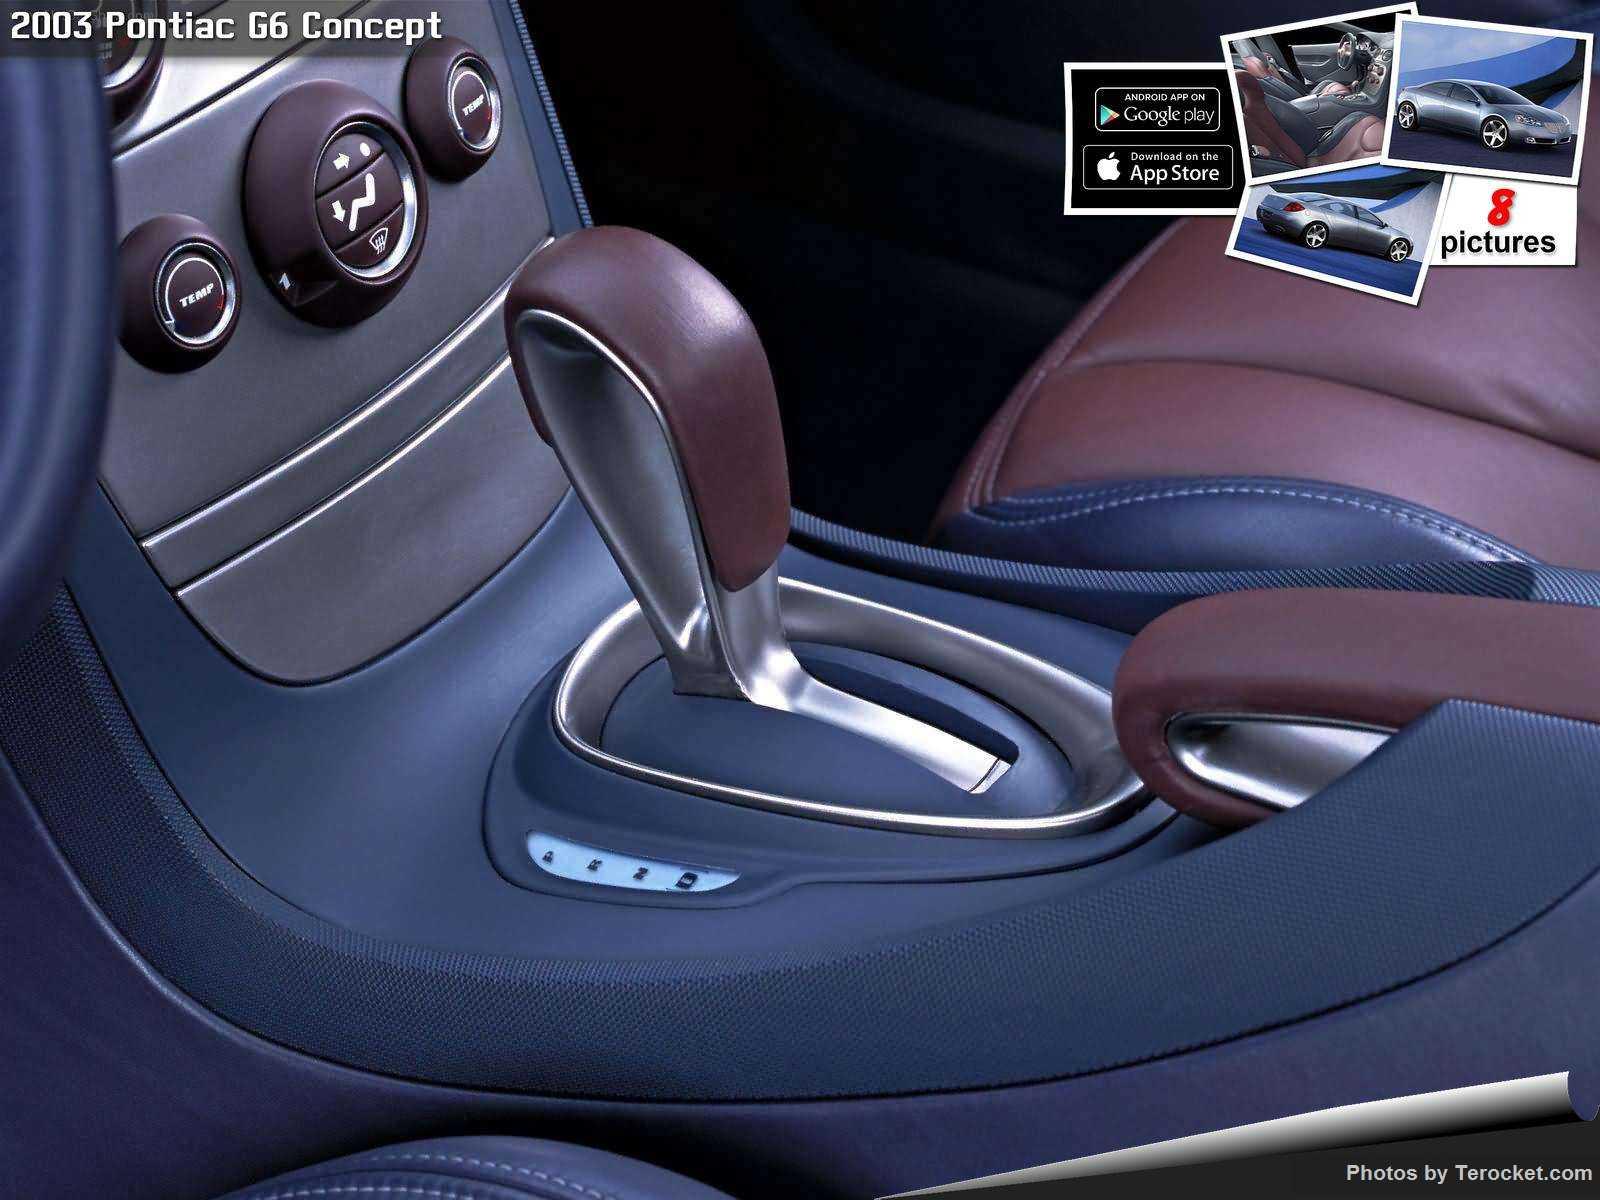 Hình ảnh xe ô tô Pontiac G6 Concept 2003 & nội ngoại thất